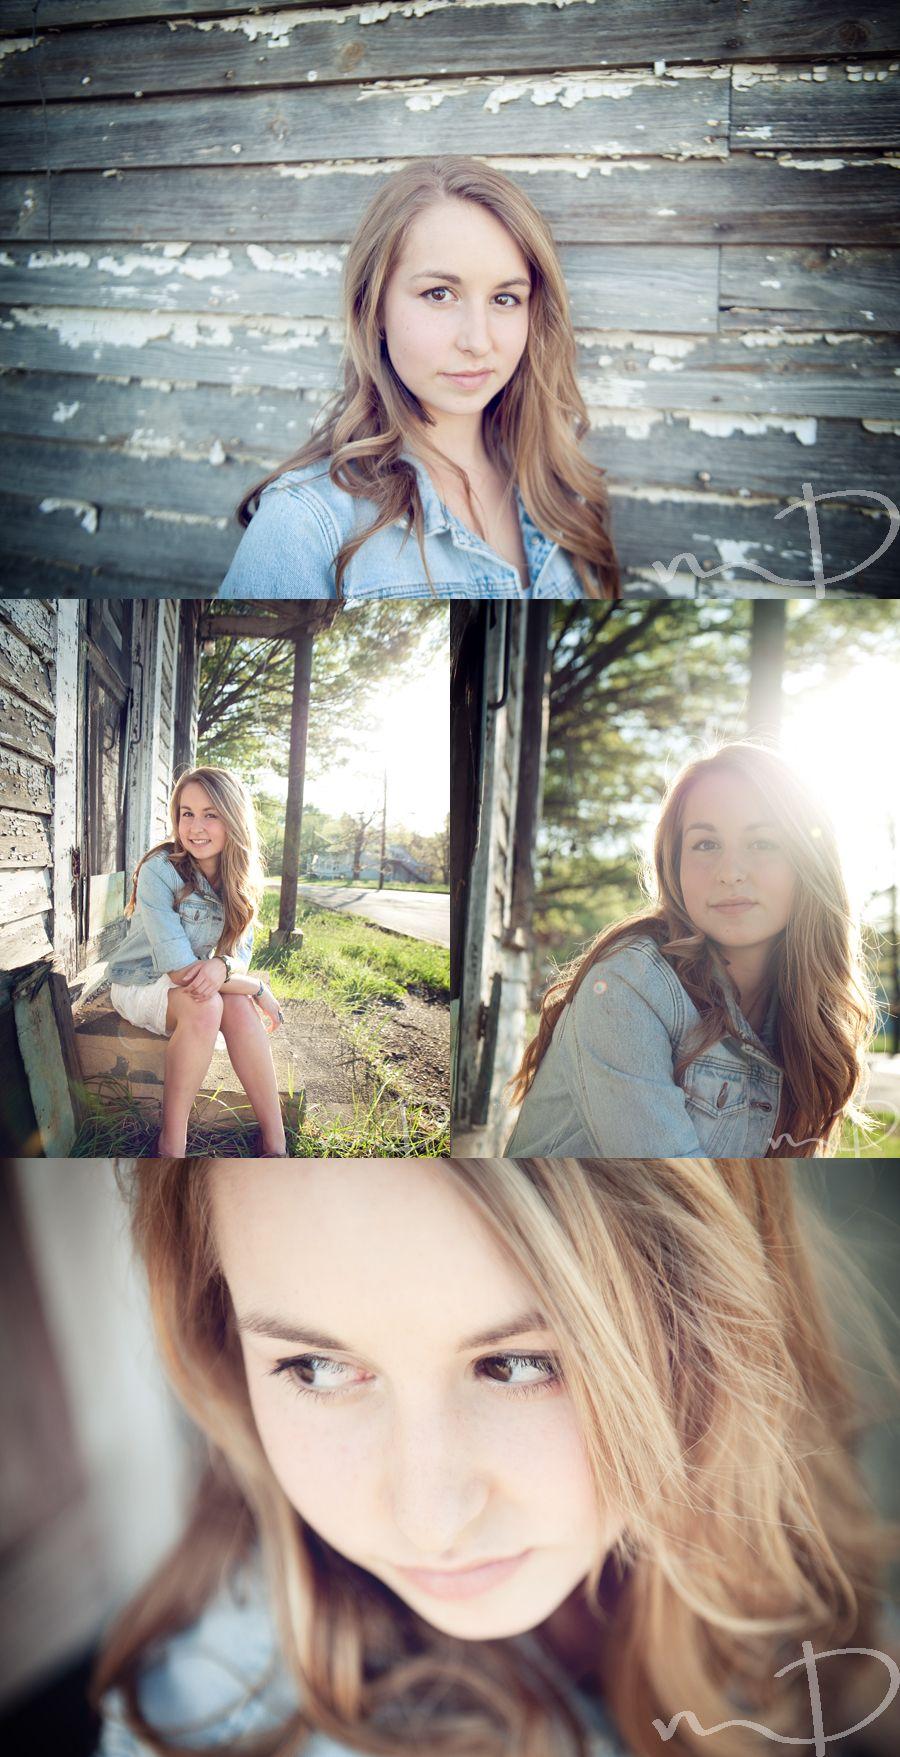 Senior Portraits - Molly Dockery Photography